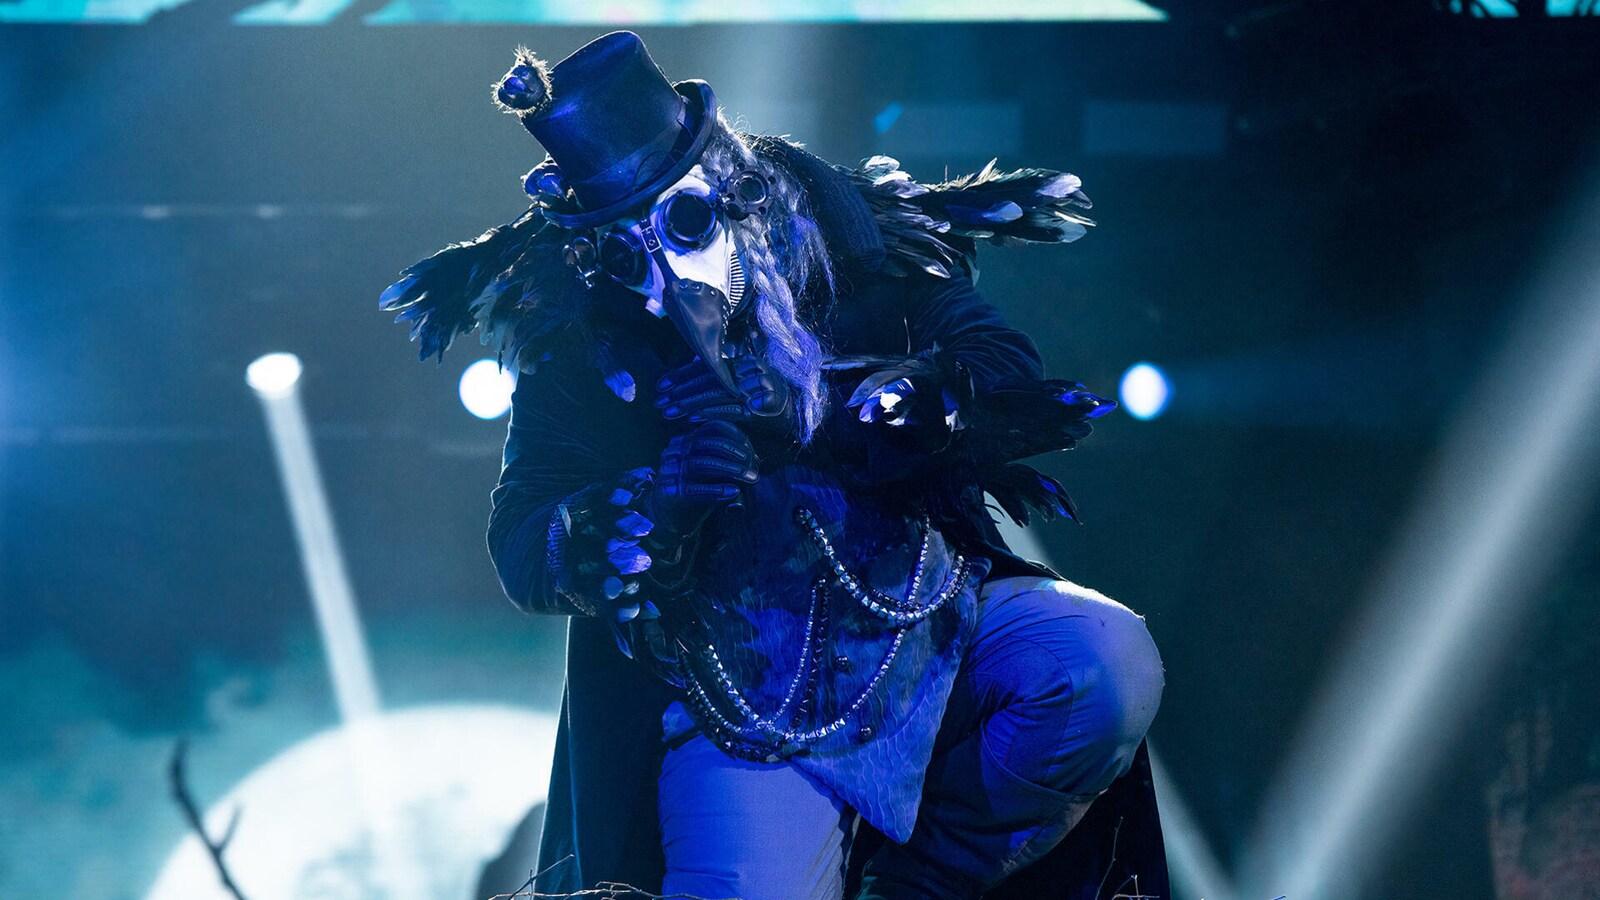 5. Masked Singer Suomi